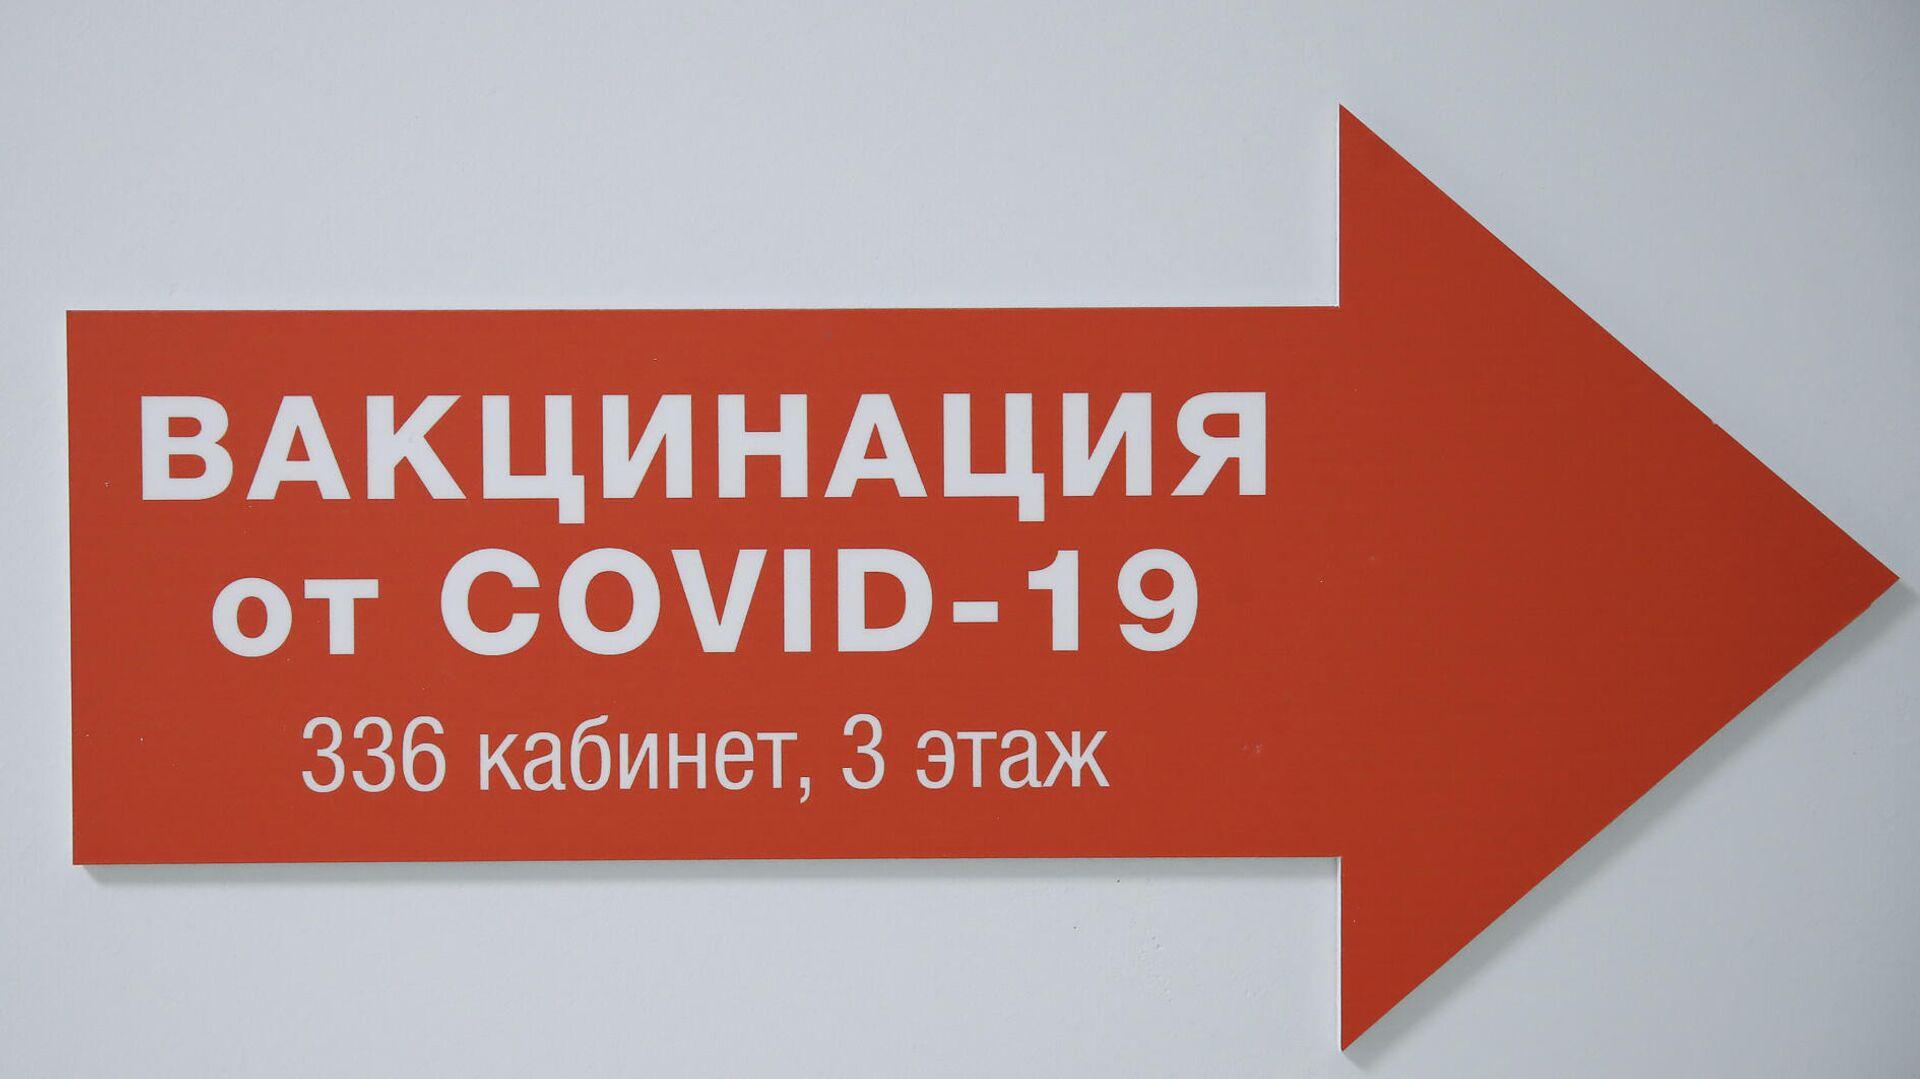 В Подмосковье работают более 90 пунктов вакцинации от COVID-19 - РИА Новости, 1920, 11.12.2020